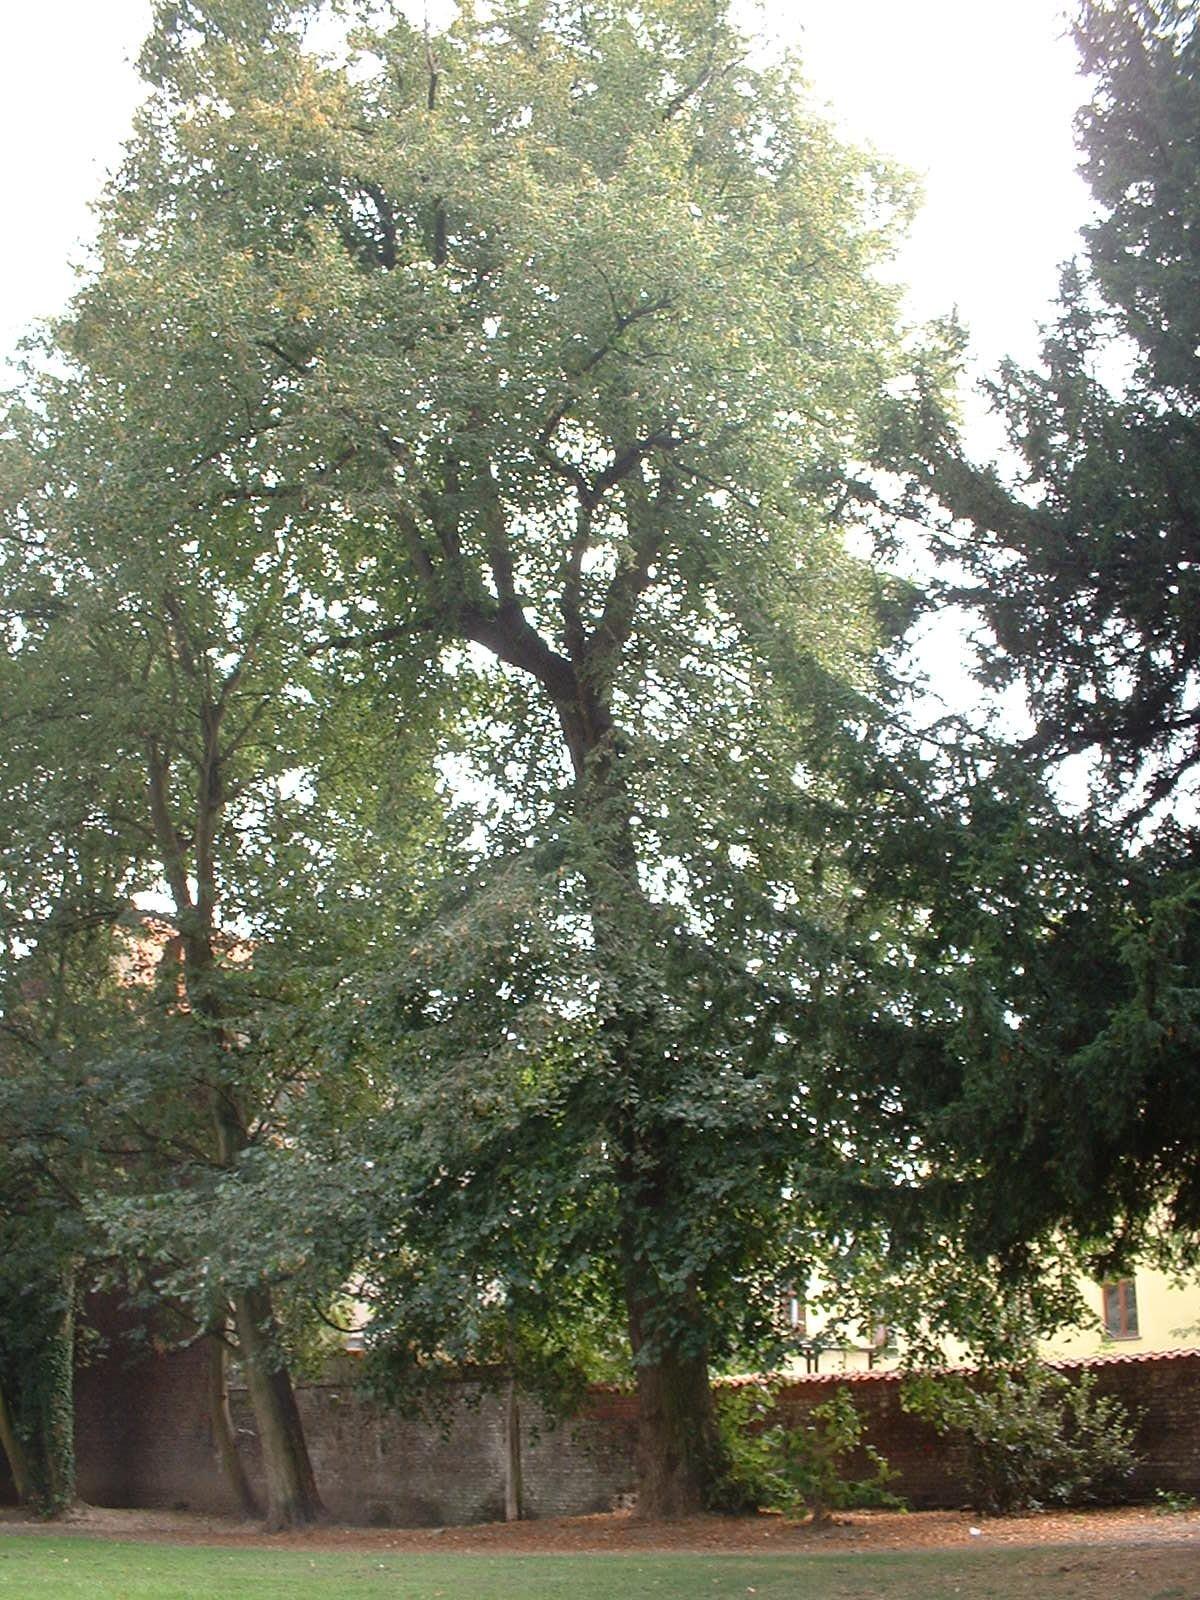 Tilleul à larges feuilles – Berchem-Sainte-Agathe, Parc Saint-Moulin, Rue des Soldats –  21 Août 2003